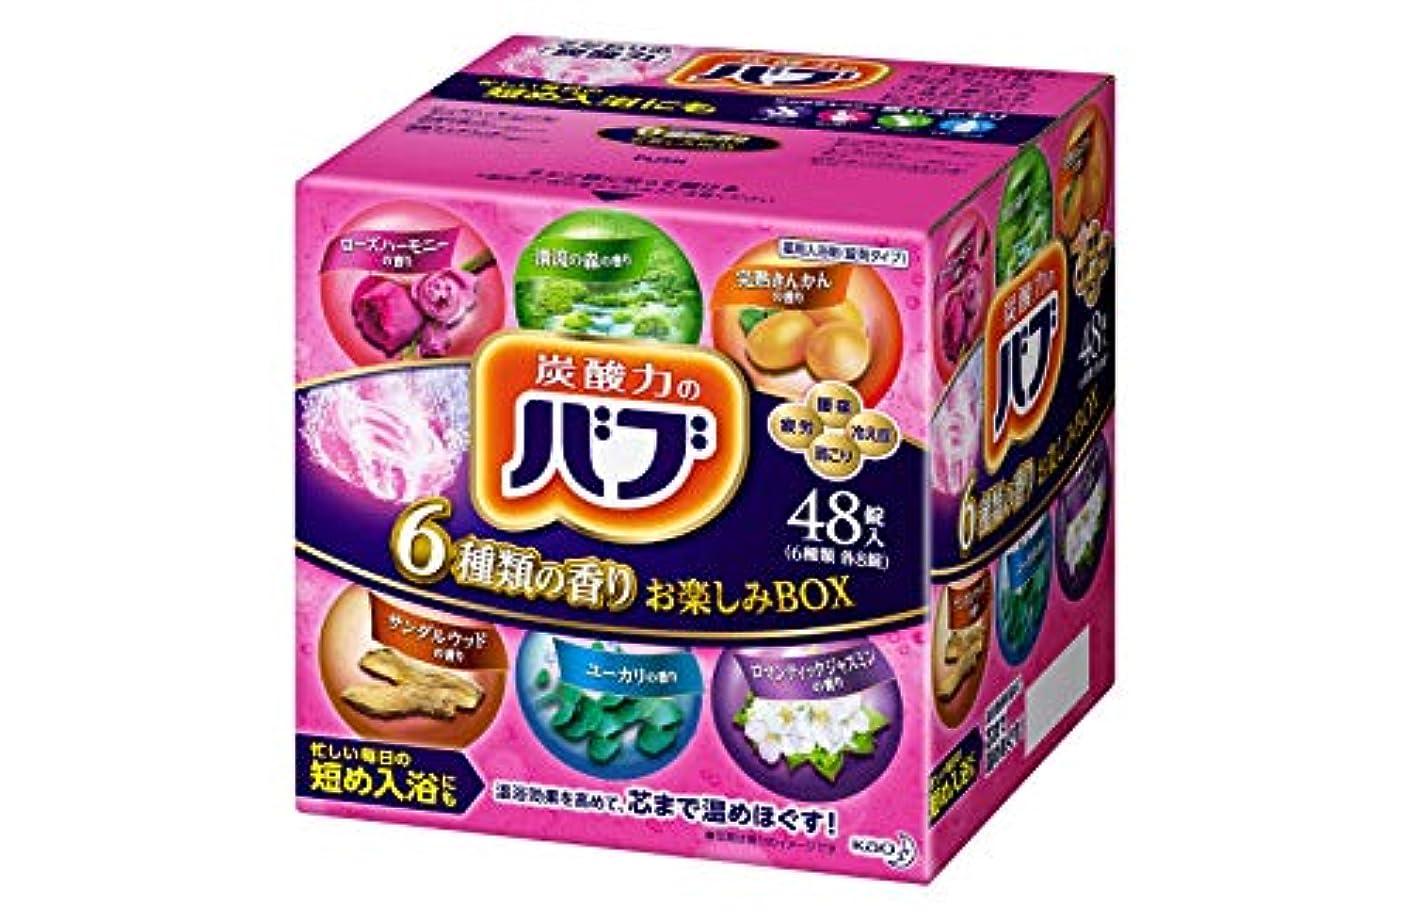 見かけ上オピエートキャラバン【大容量】 バブ 6つの香りお楽しみBOX 48錠 炭酸 入浴剤 詰め合わせ [医薬部外品]